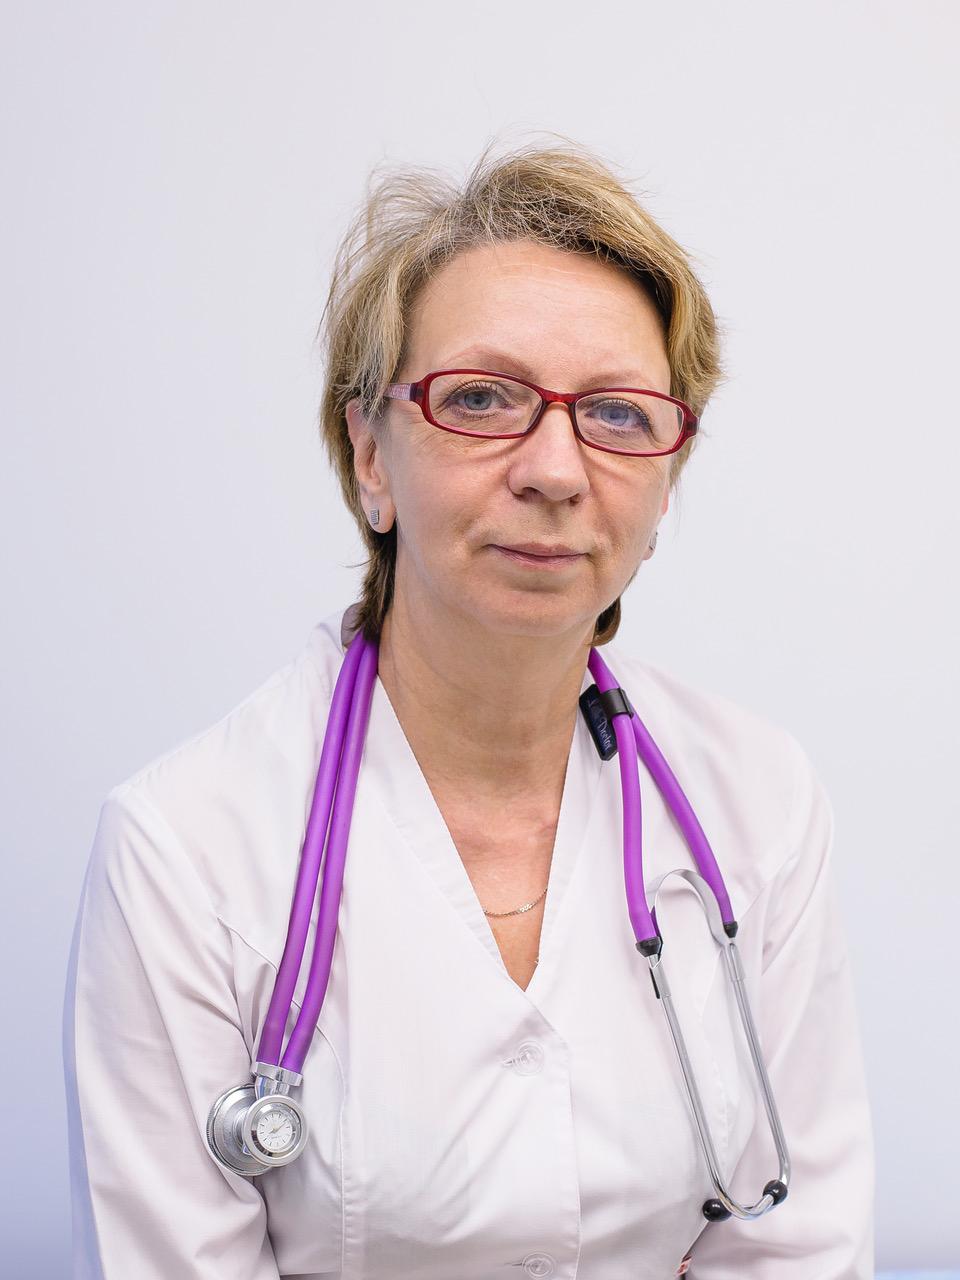 Волошина Татьяна Вадимовна